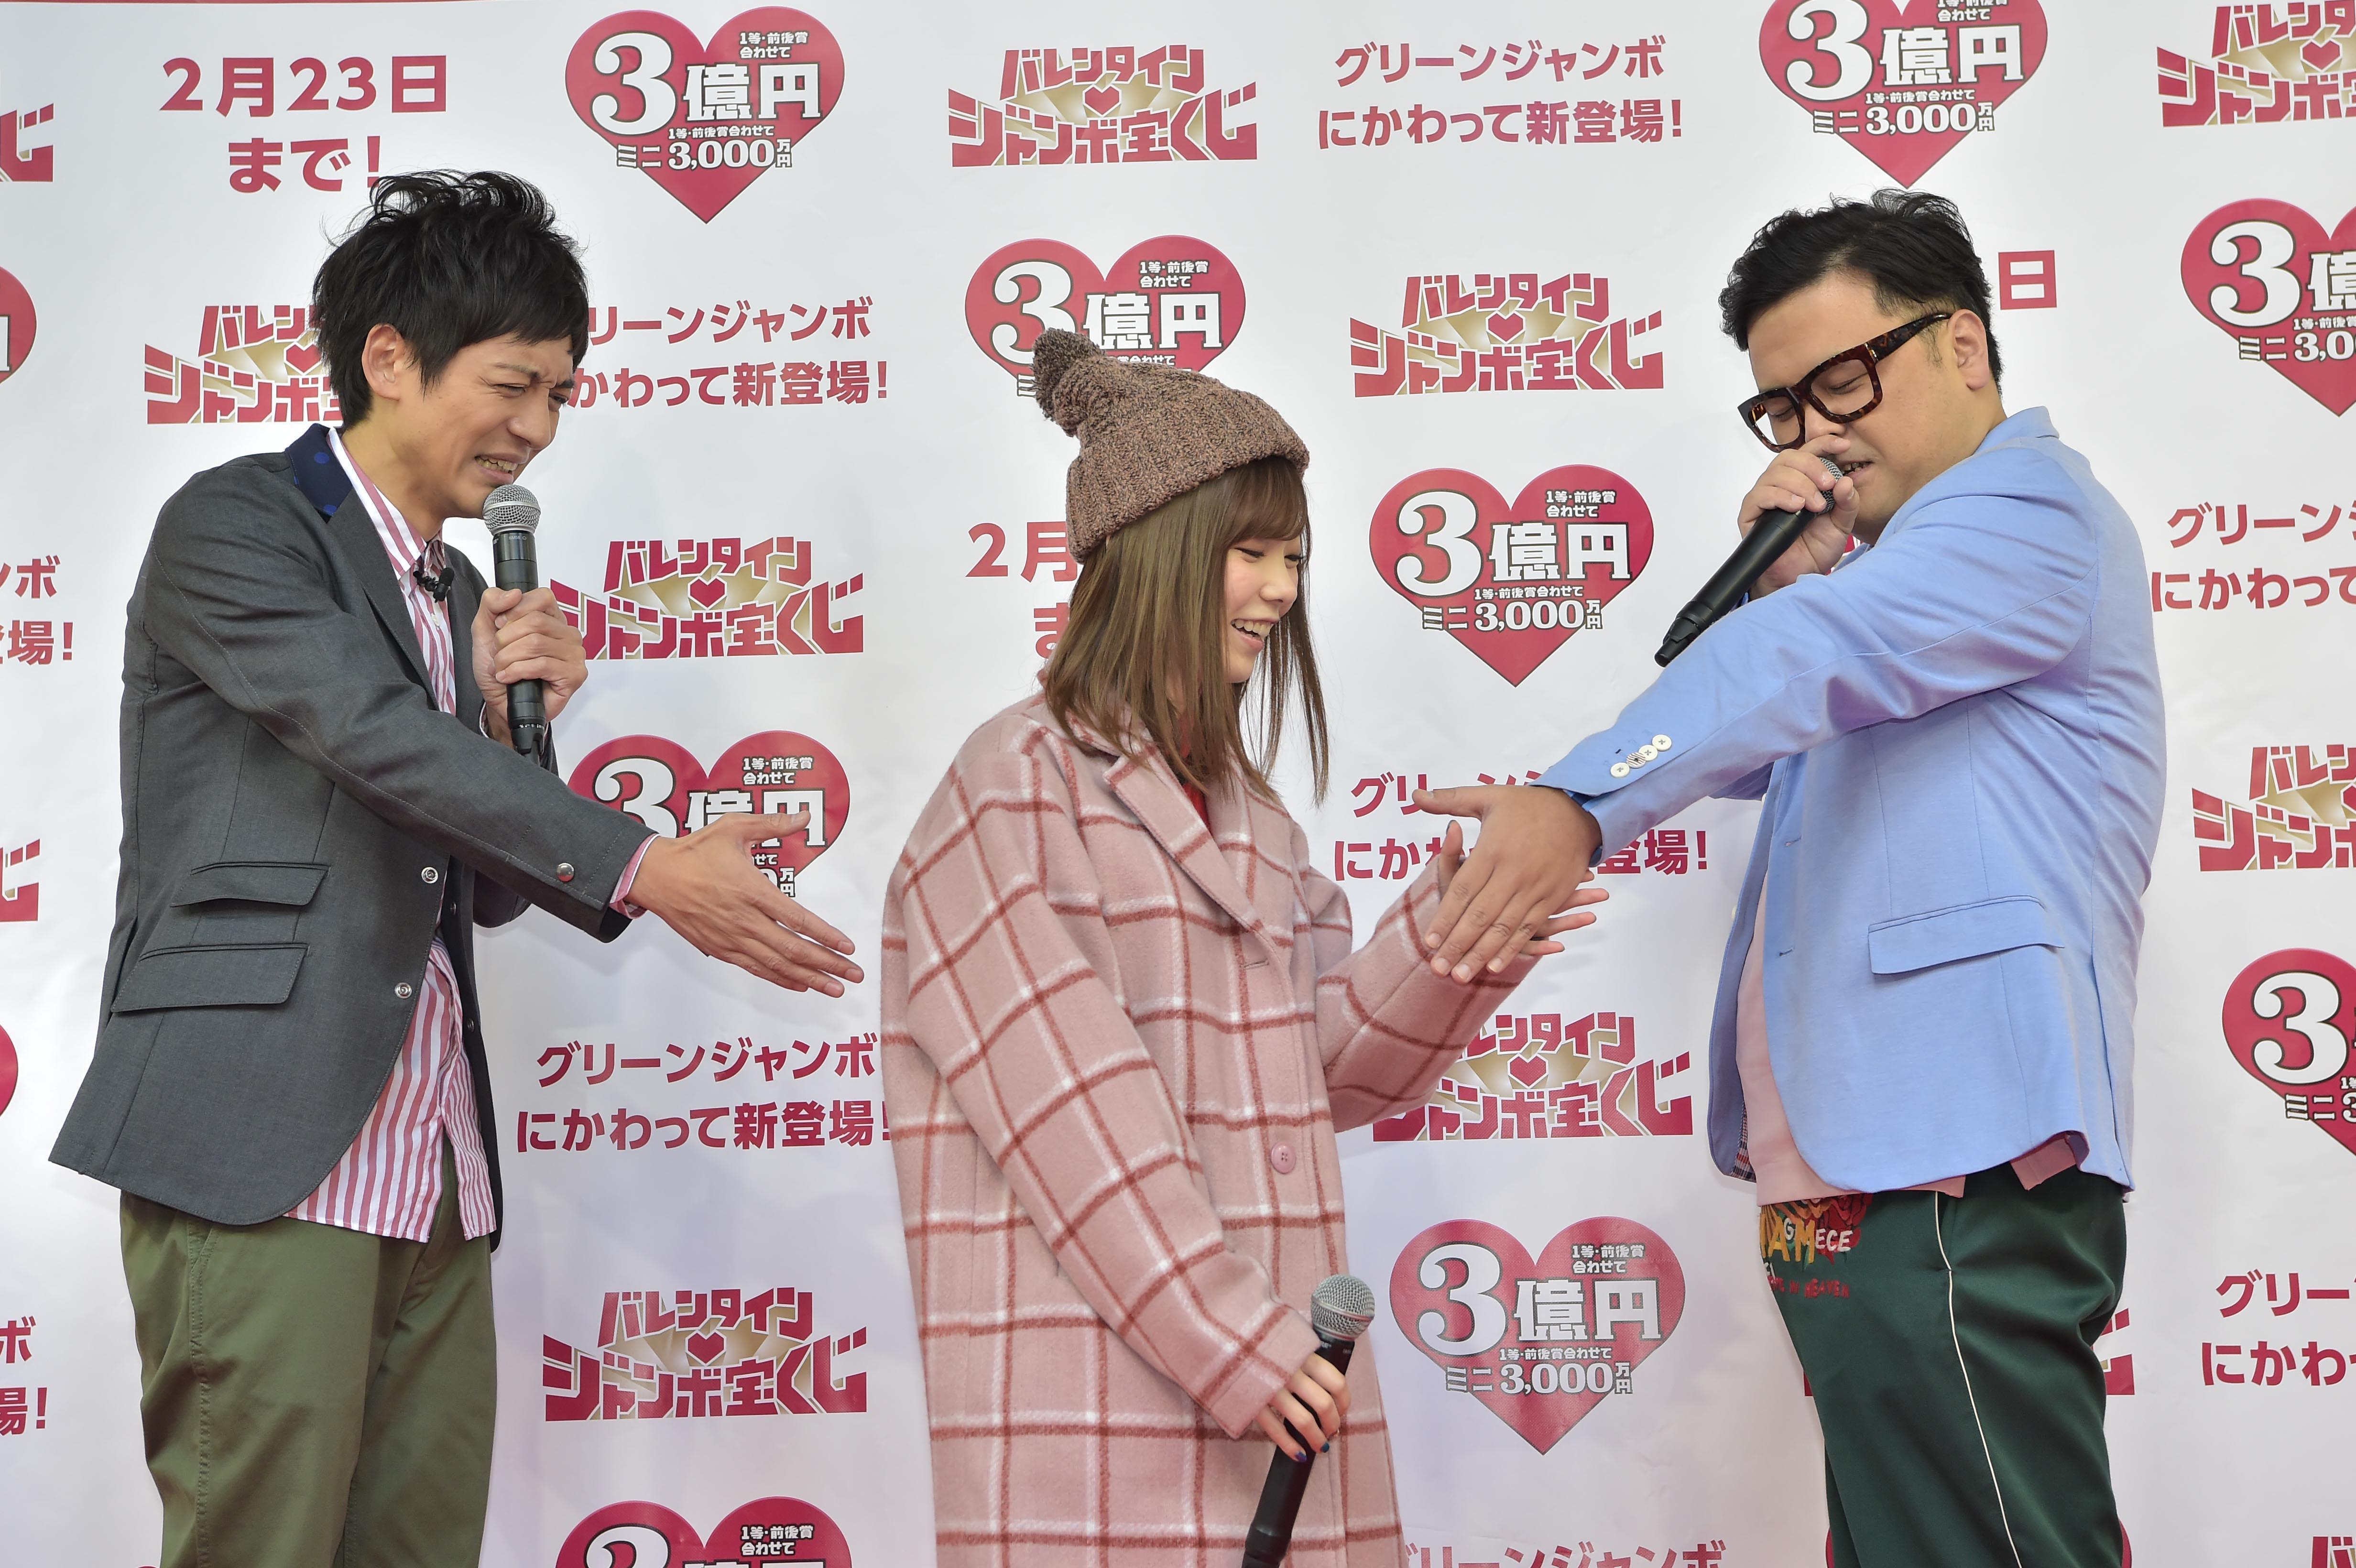 http://news.yoshimoto.co.jp/20180208171919-5cd0ce072d6ea515f03e4356311ffe42a667d13f.jpg